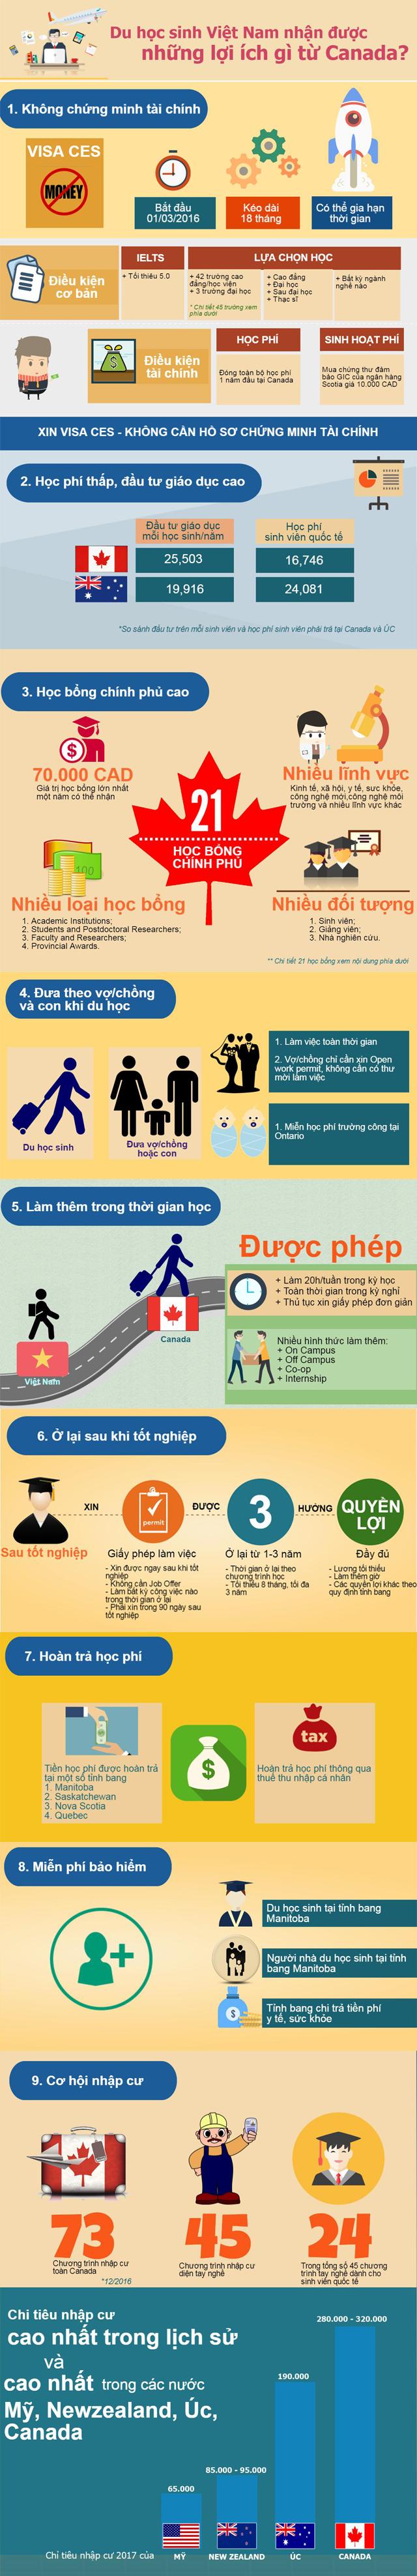 Infographic: Du học sinh Việt Nam nhận được lợi ích gì từ Canada? - 1